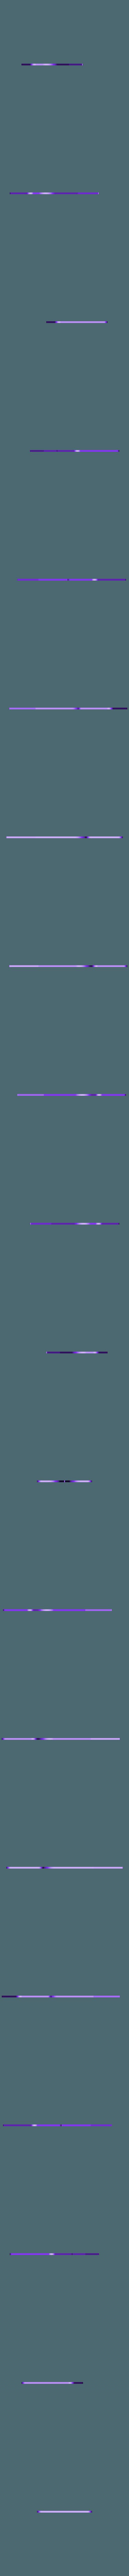 targatta_BL2.stl Télécharger fichier STL Signes de légumes - potiron • Modèle à imprimer en 3D, 3dlabaproca